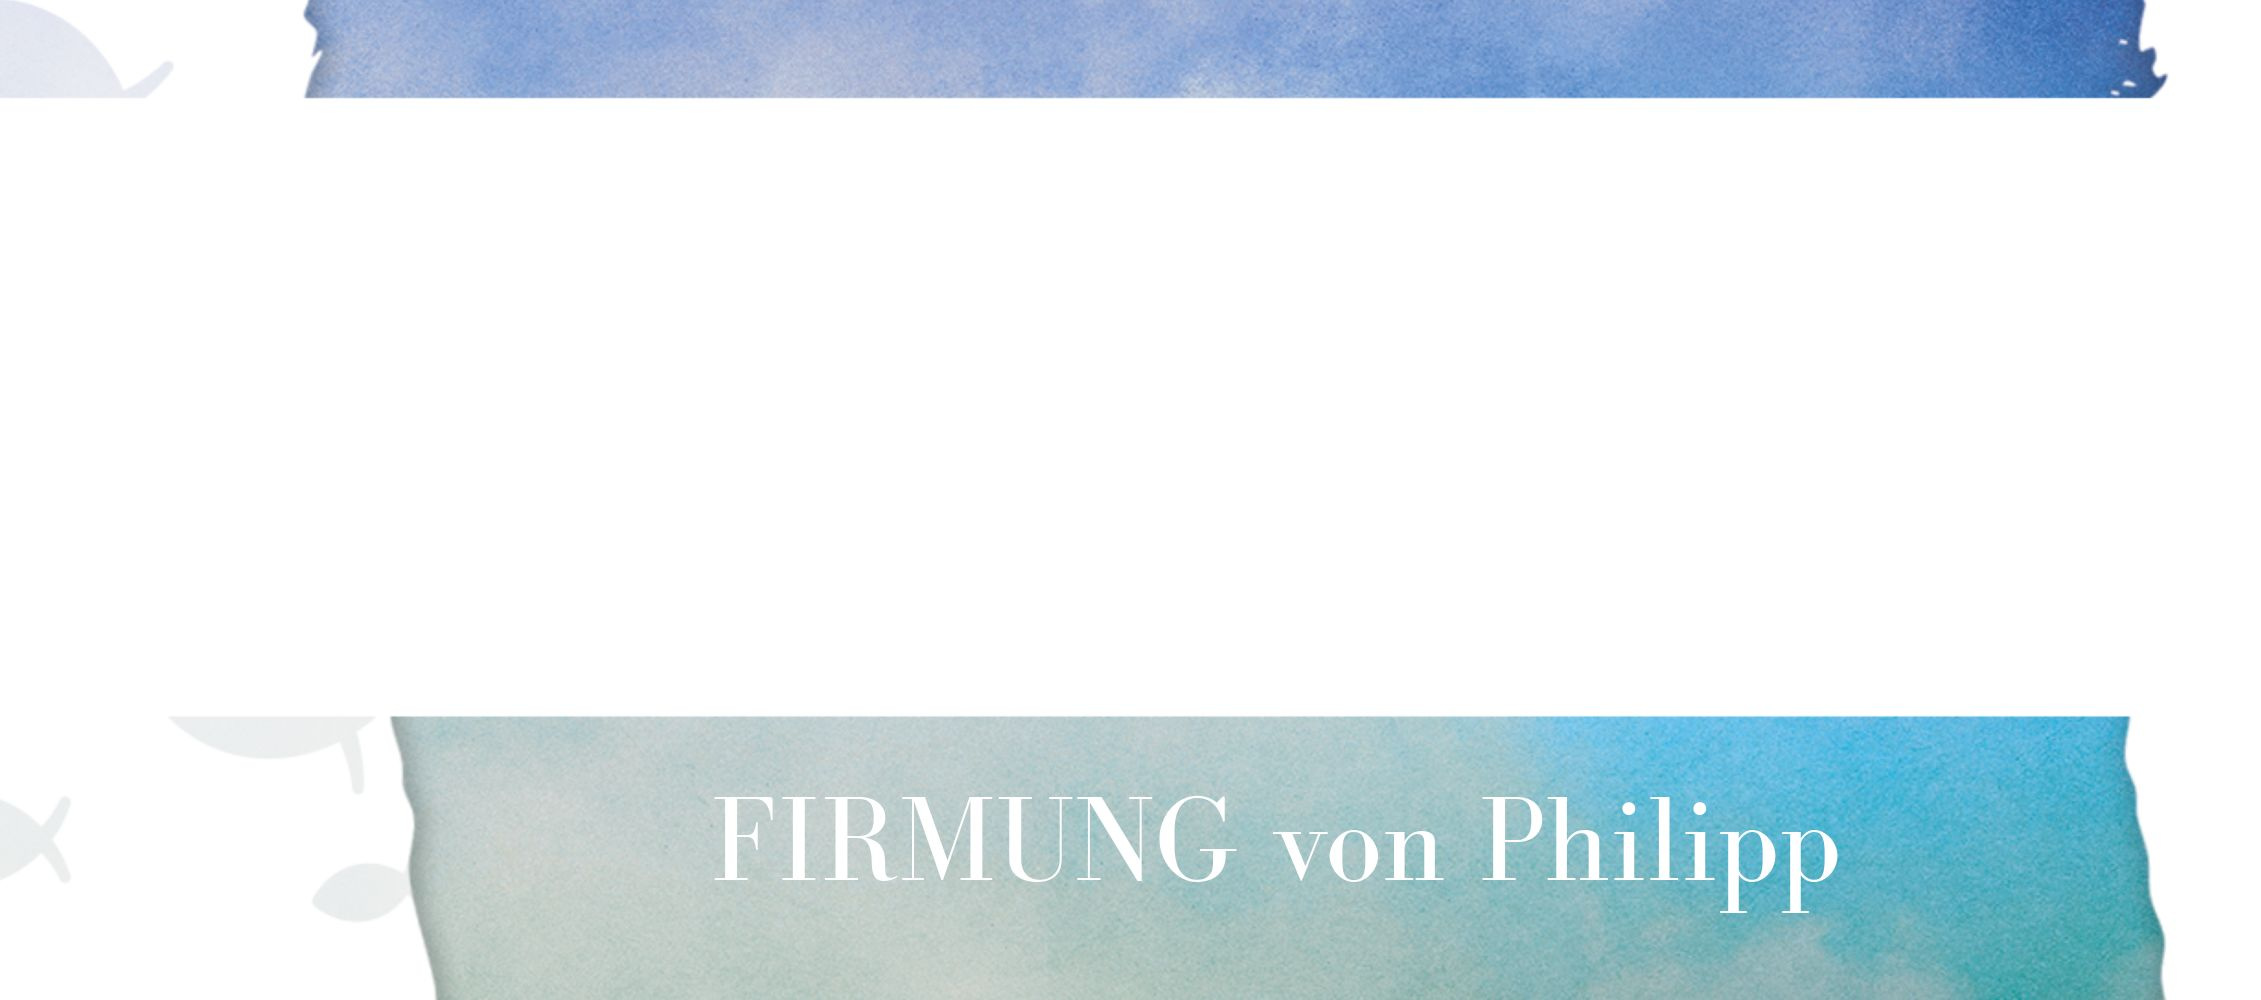 Ansicht 3 - Firmung Tischkarte Himmelreich